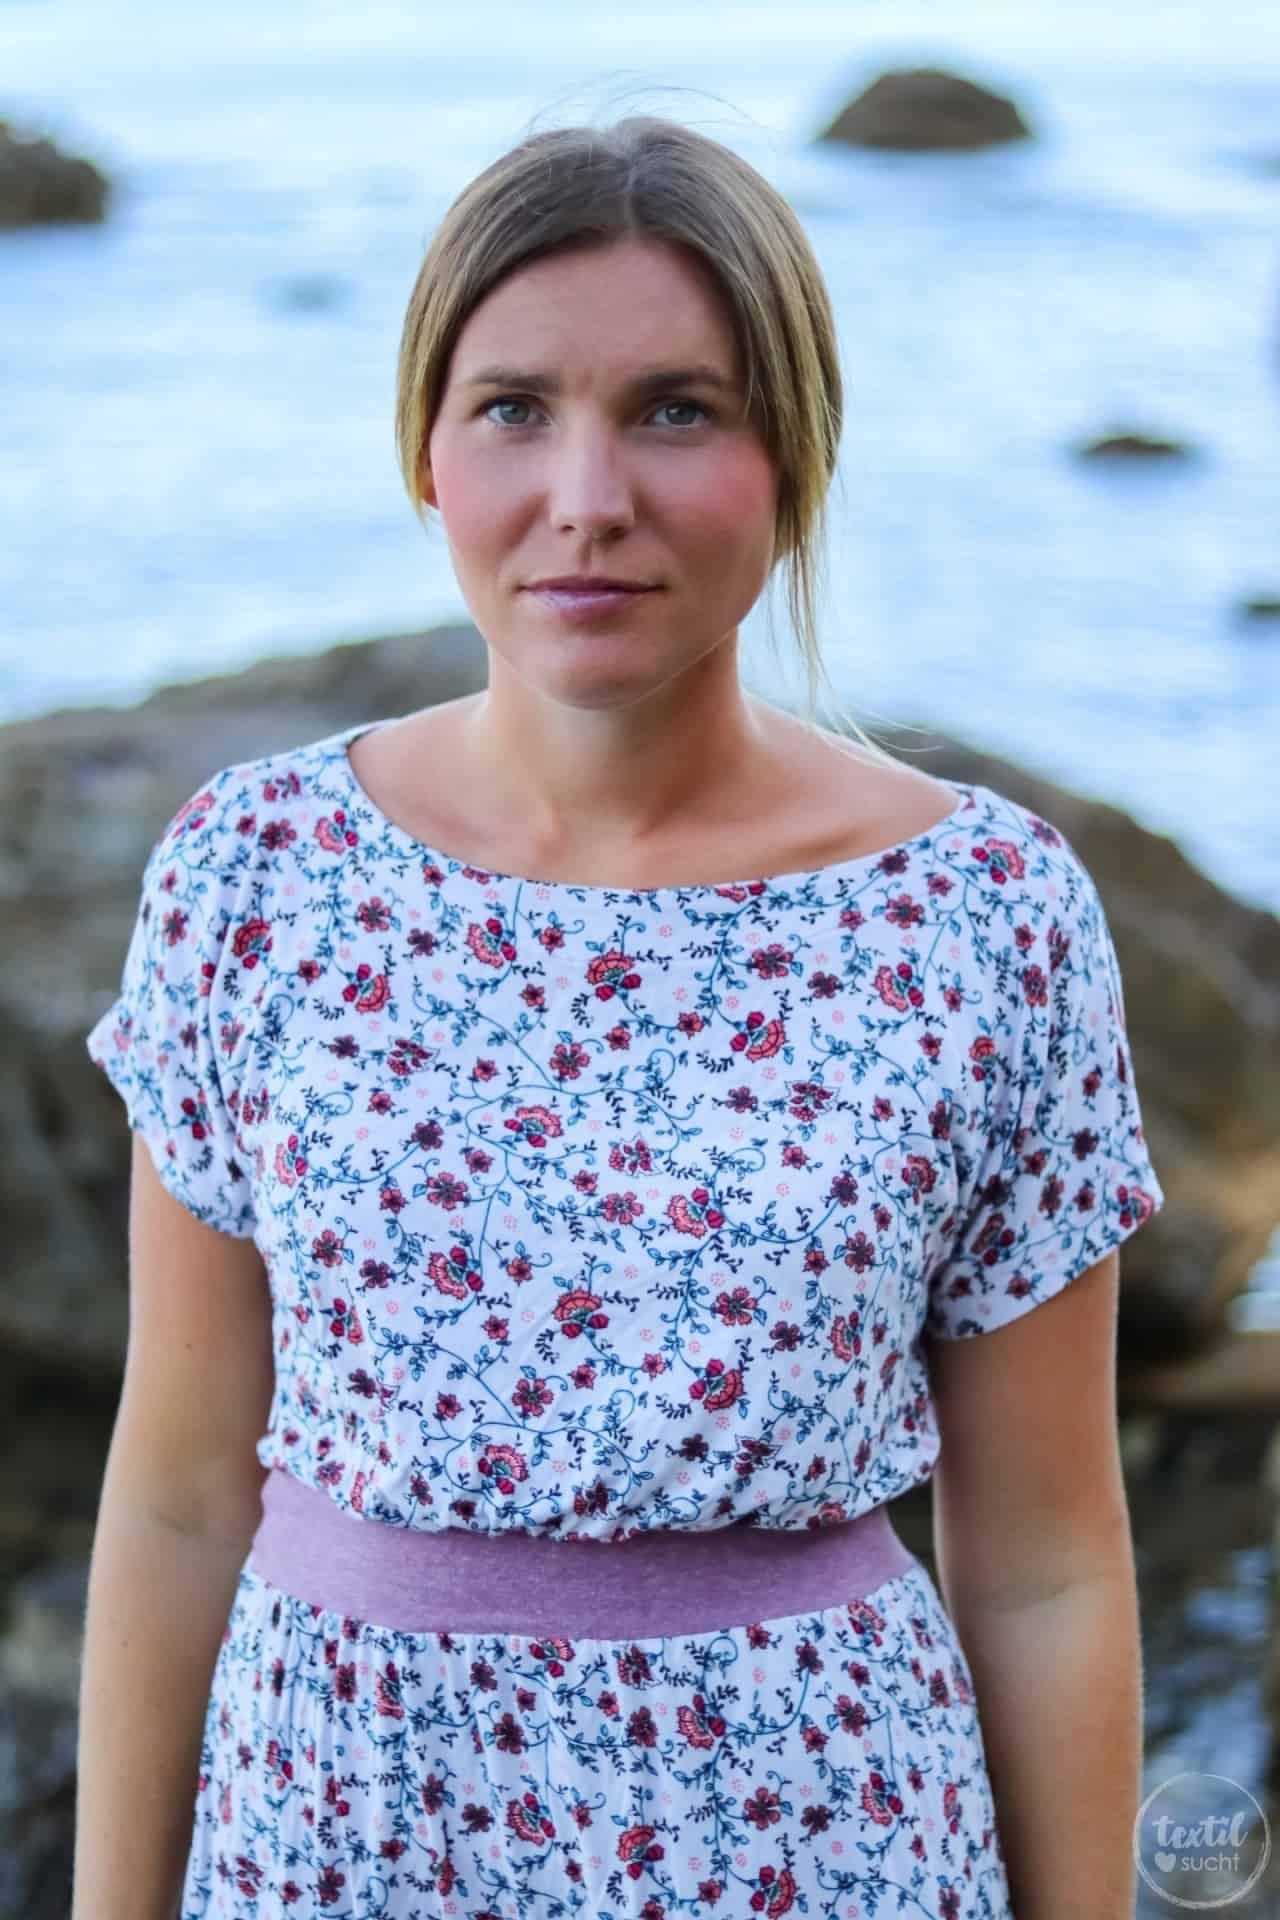 Mein neues Lieblings-Sommerkleid mit Blumenmuster - Bild 4 | textilsucht.de